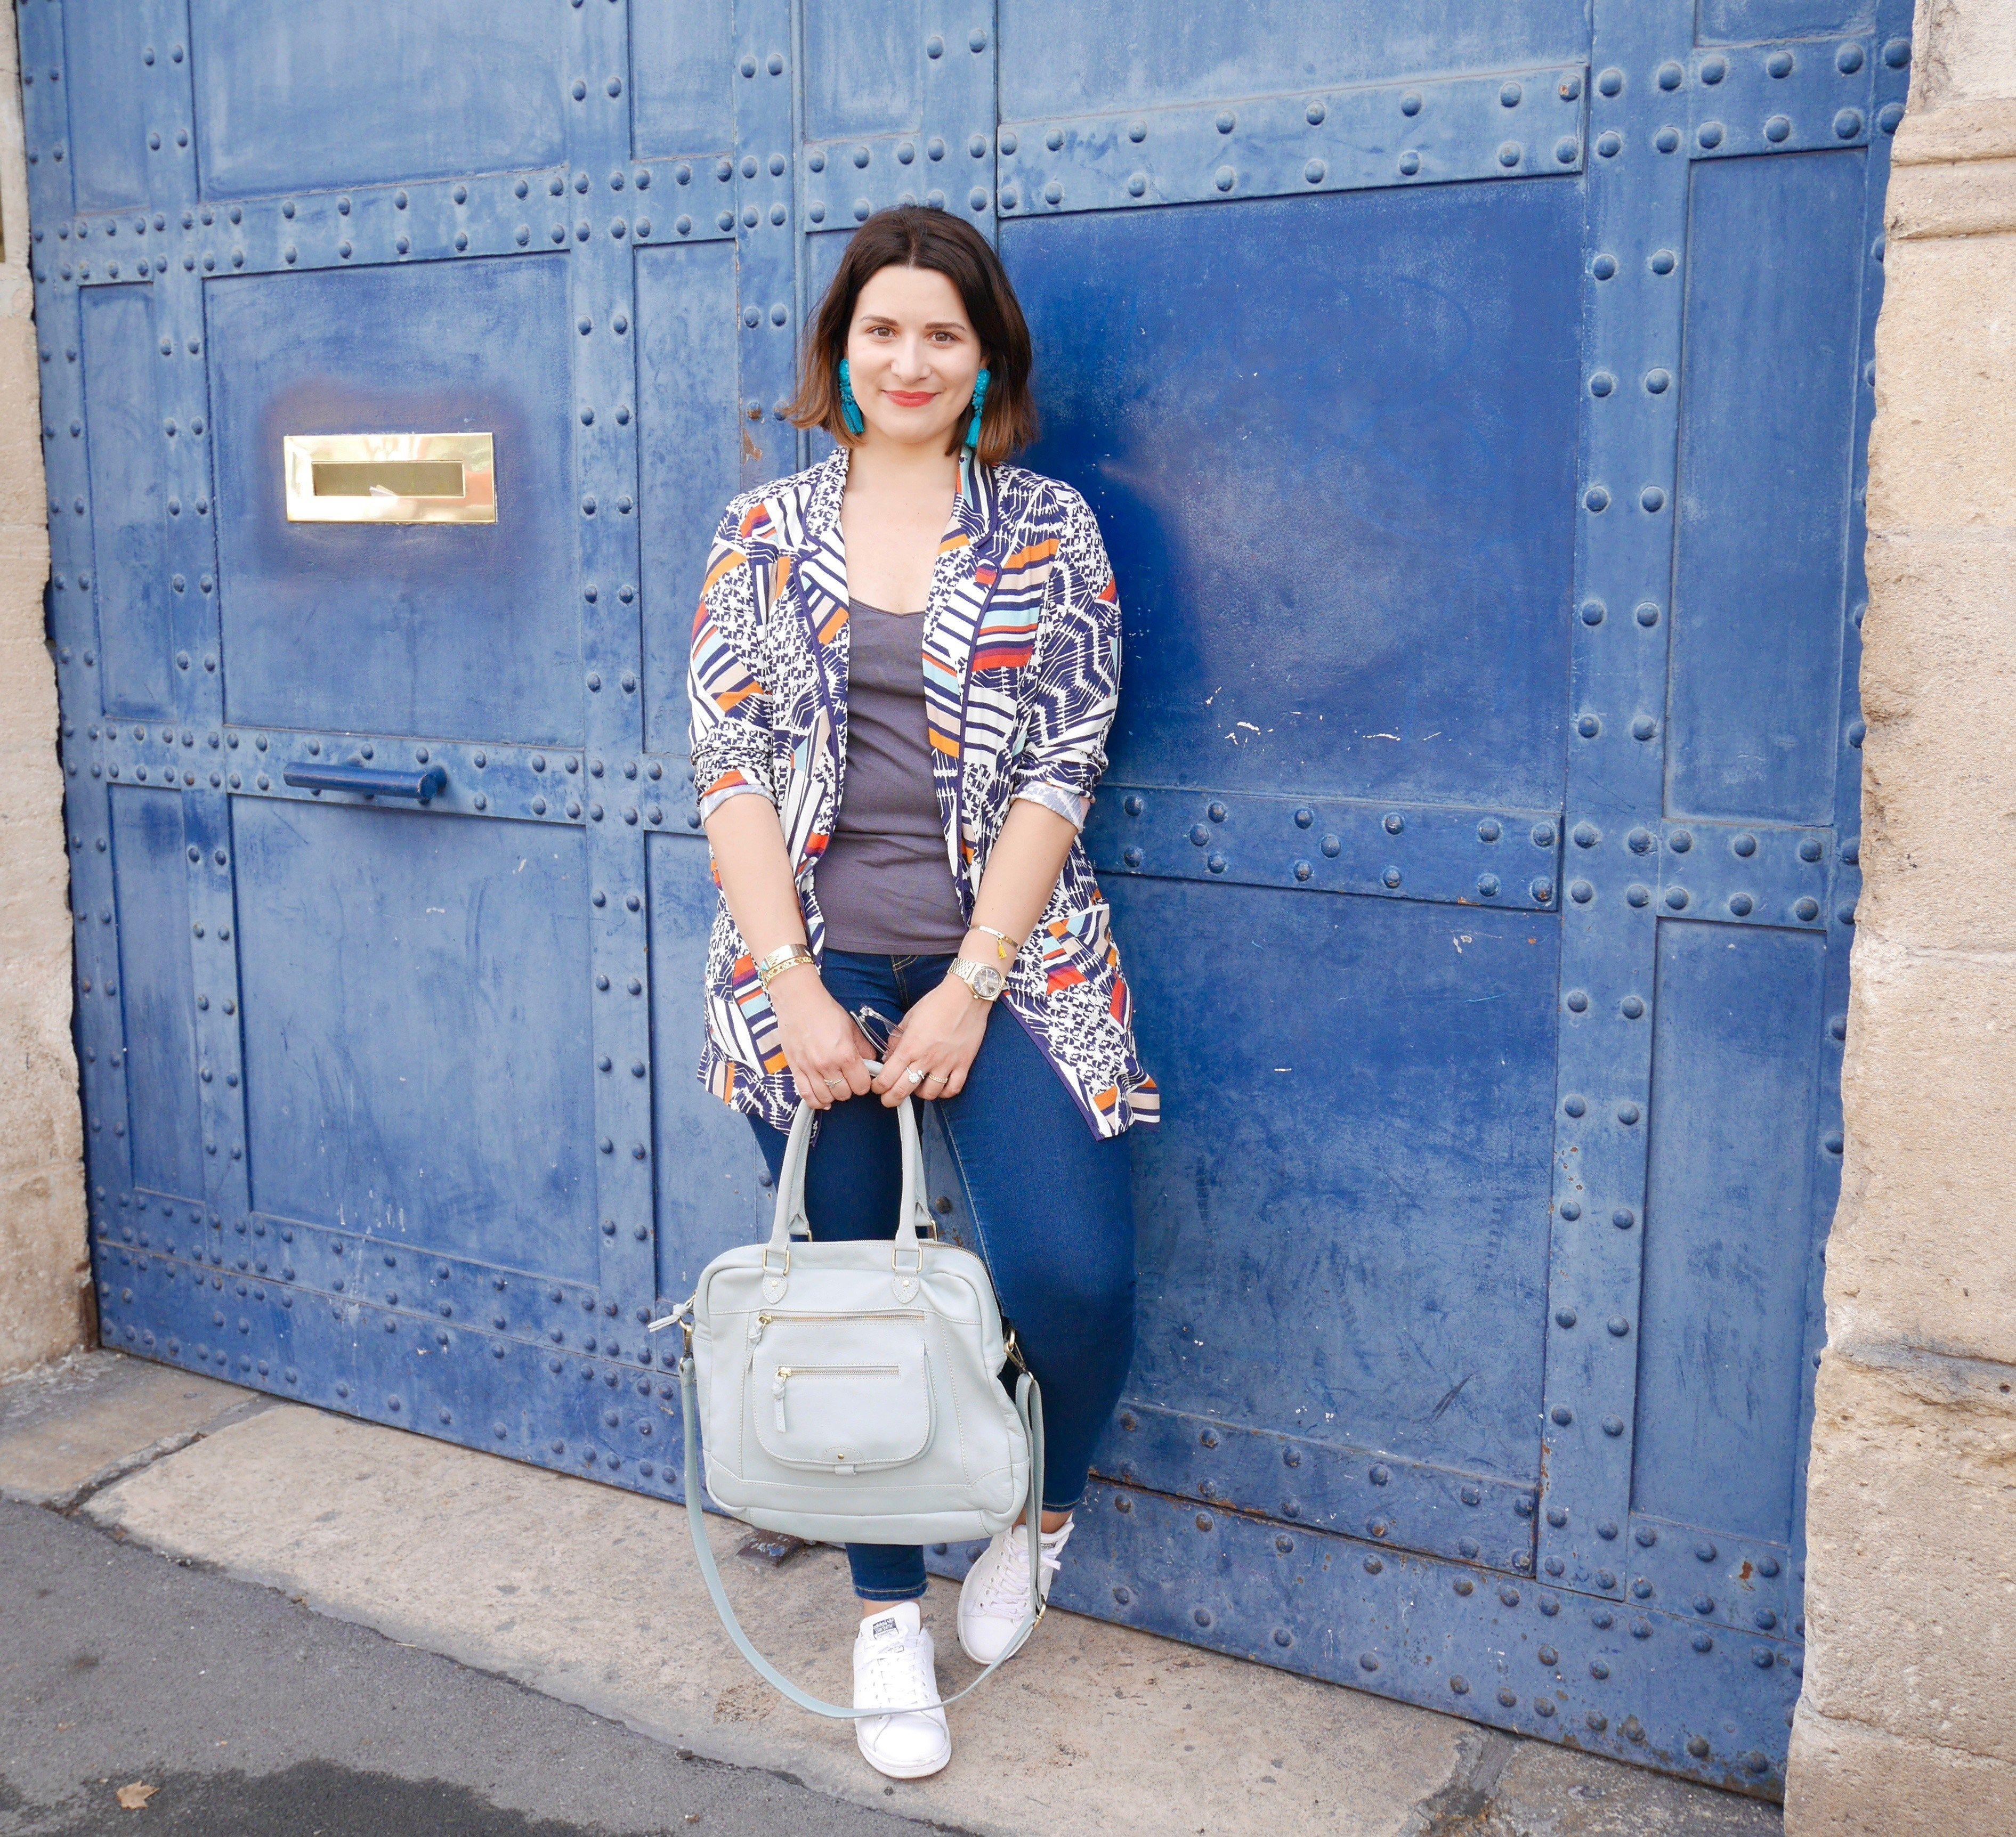 Collection Printemps/Eté 2016- veste imprimée portée par la Alexandra  du Blog Mademoisellemodeuse.com. Veste : http://www.balsamik.fr/blazer-imprime-special-grande-imprime-bleu-orange.htm?ProductId=001010558&FiltreCouleur=6406&t=3